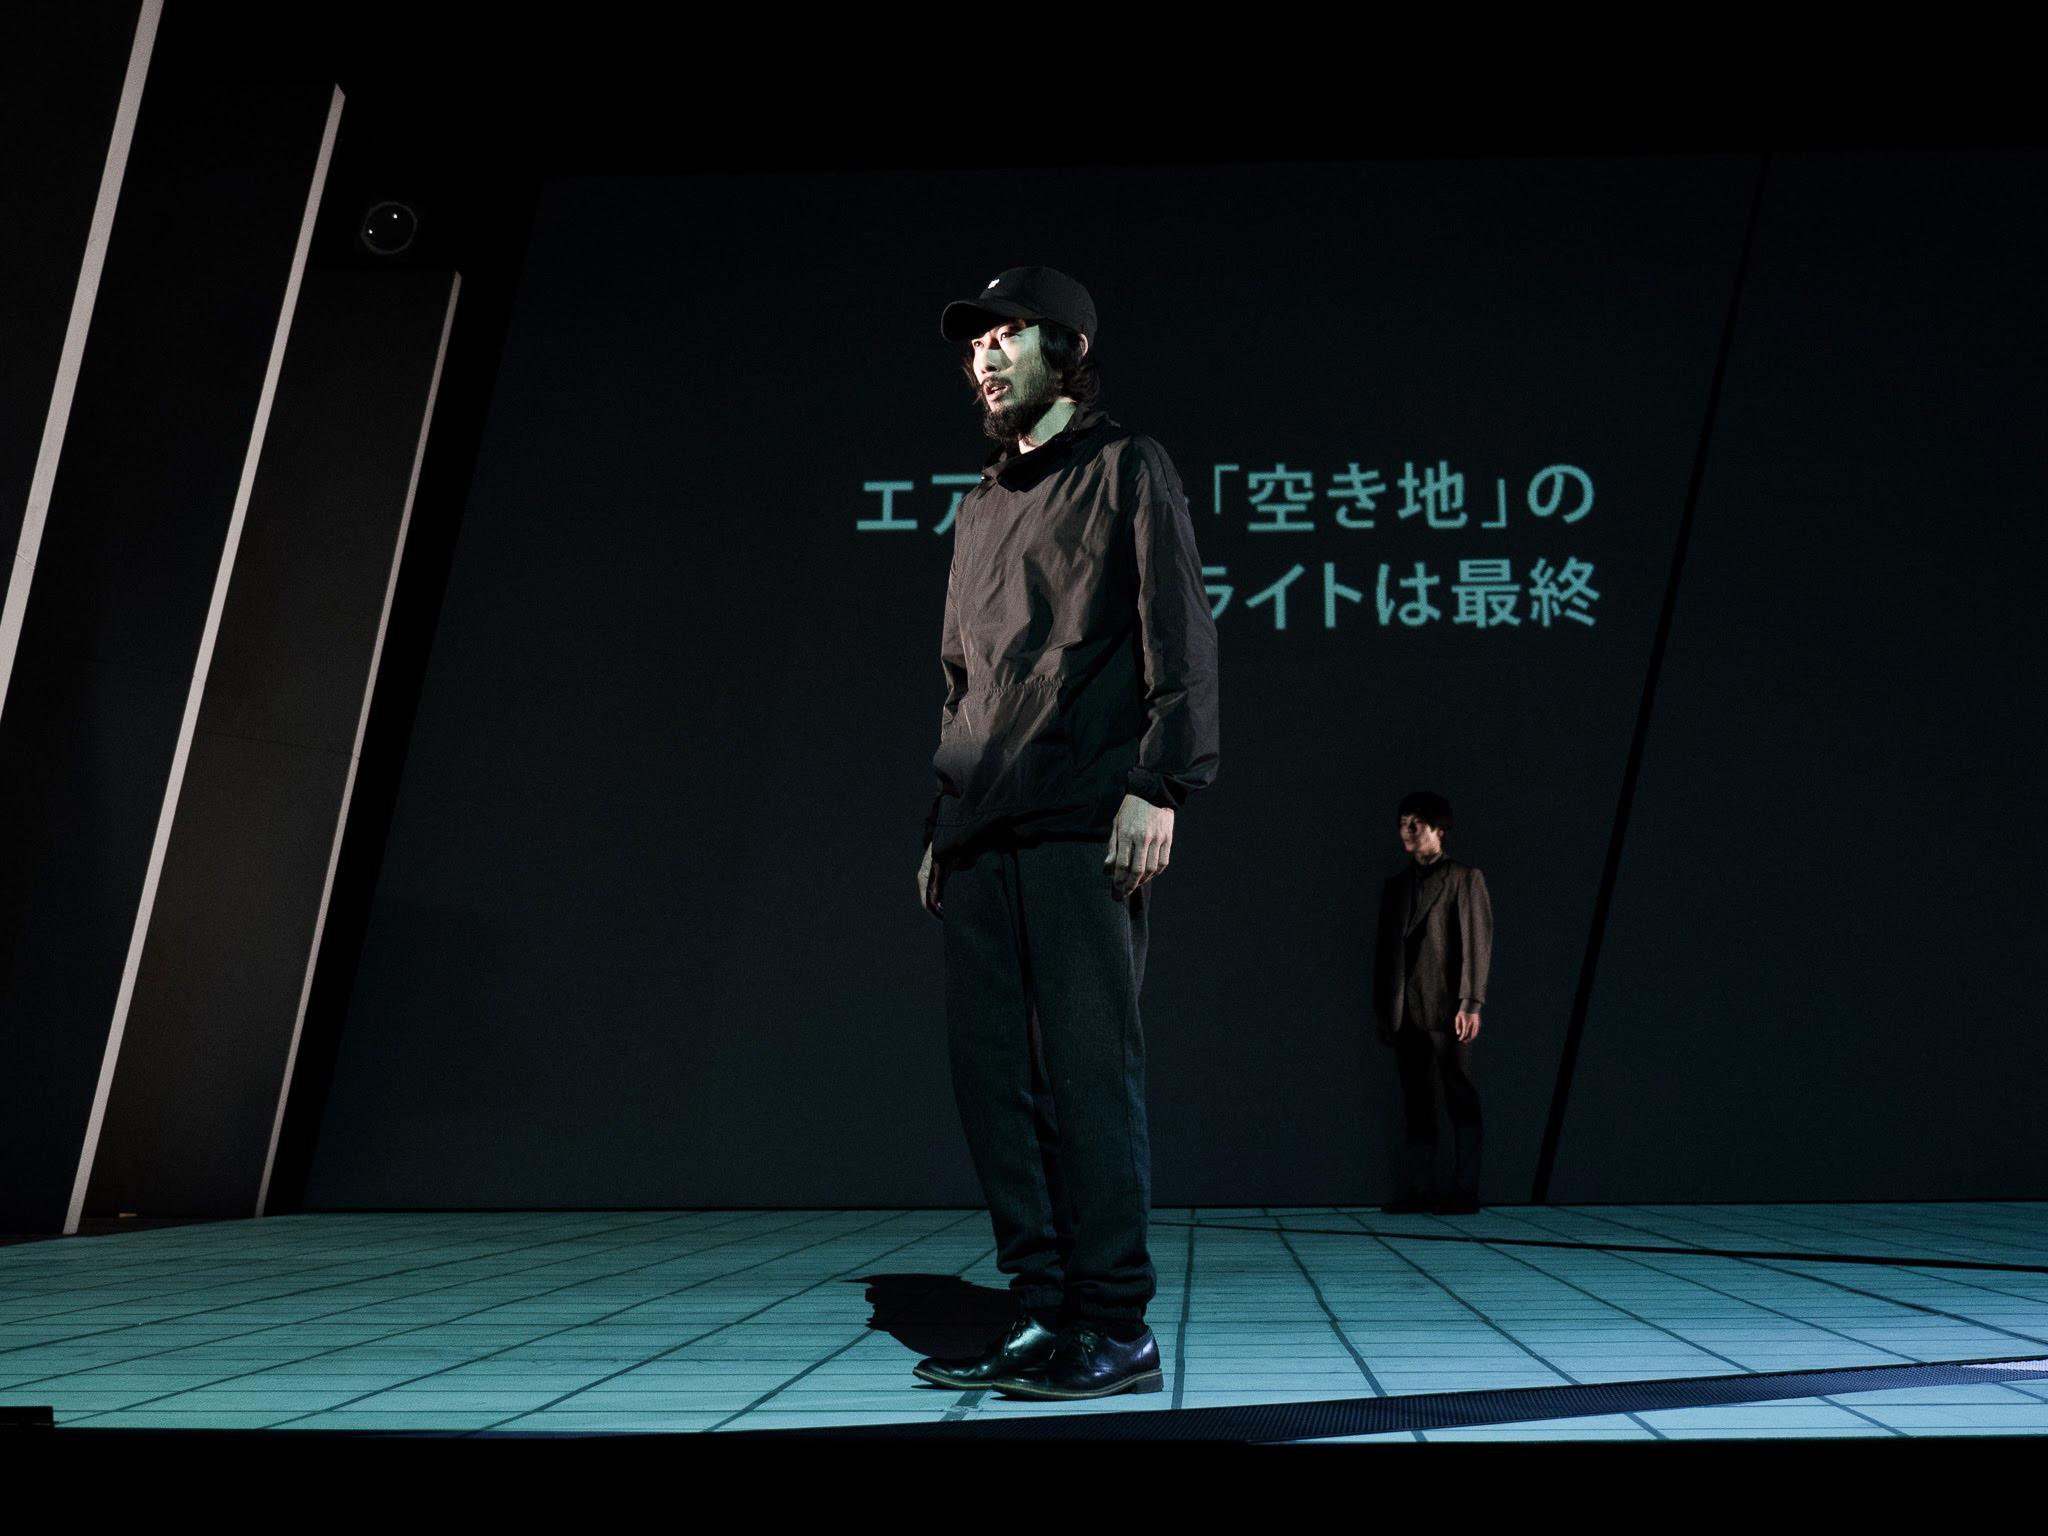 松本雄吉×林慎一郎「PORTAL」京都公演